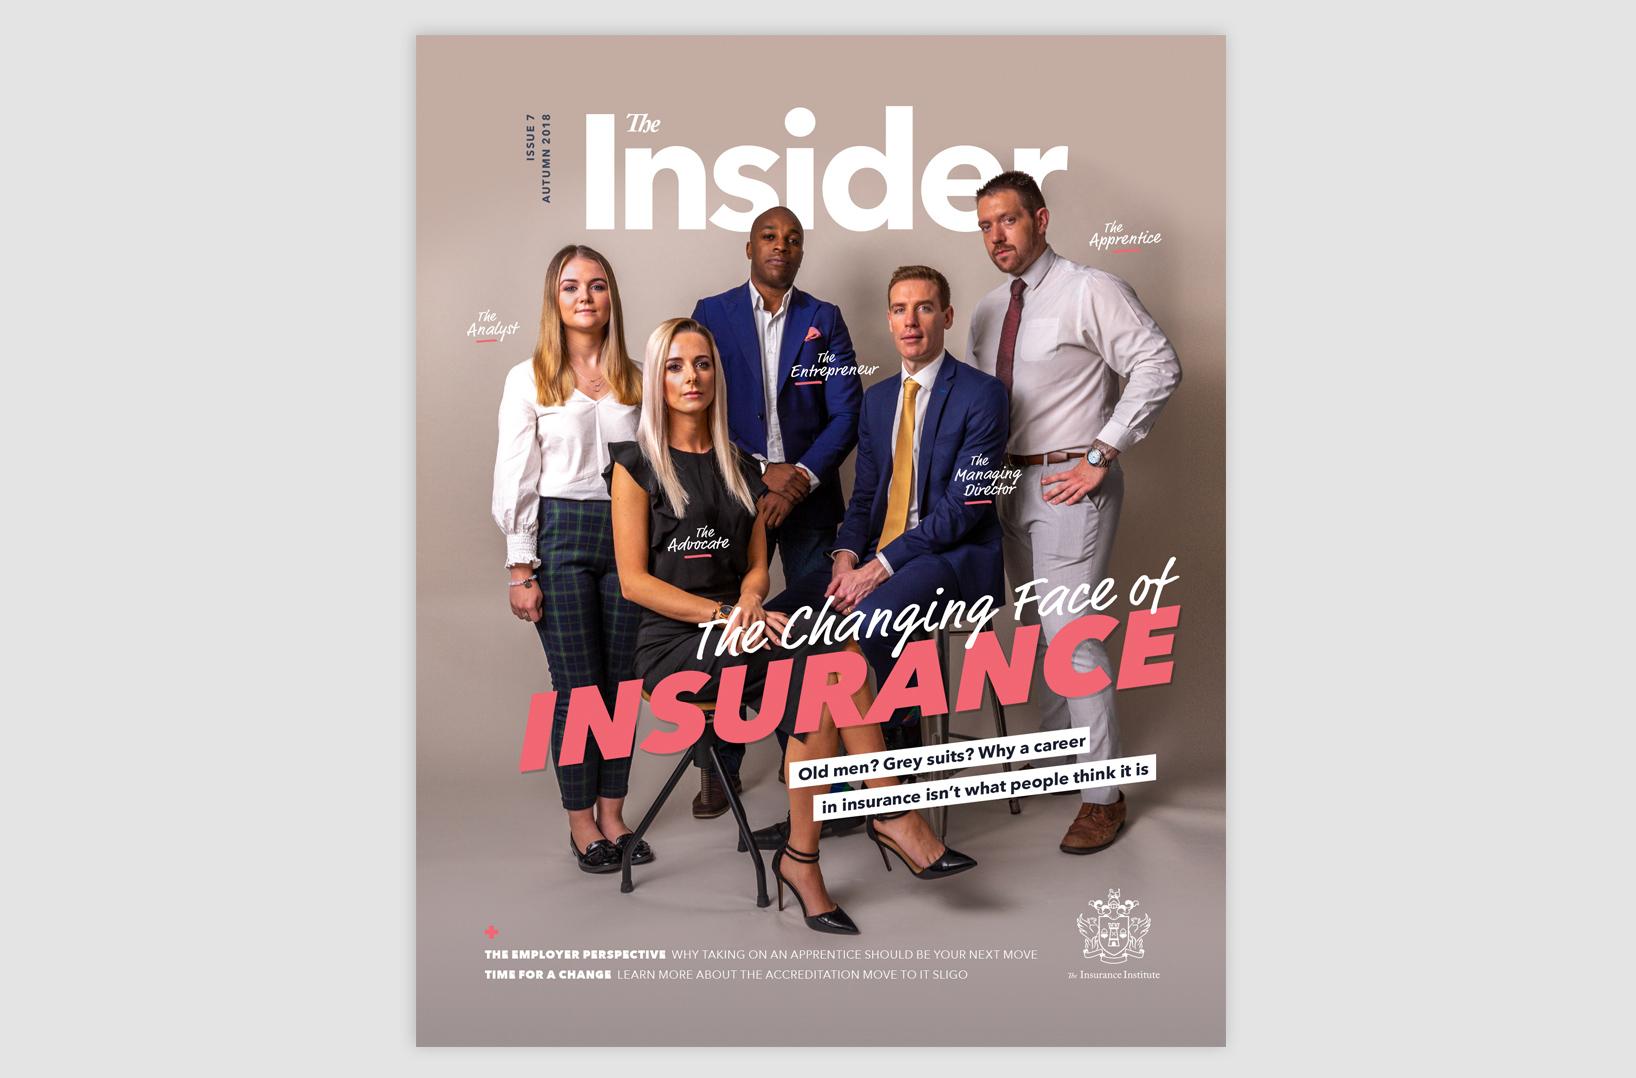 insider-7-cover-1.jpg